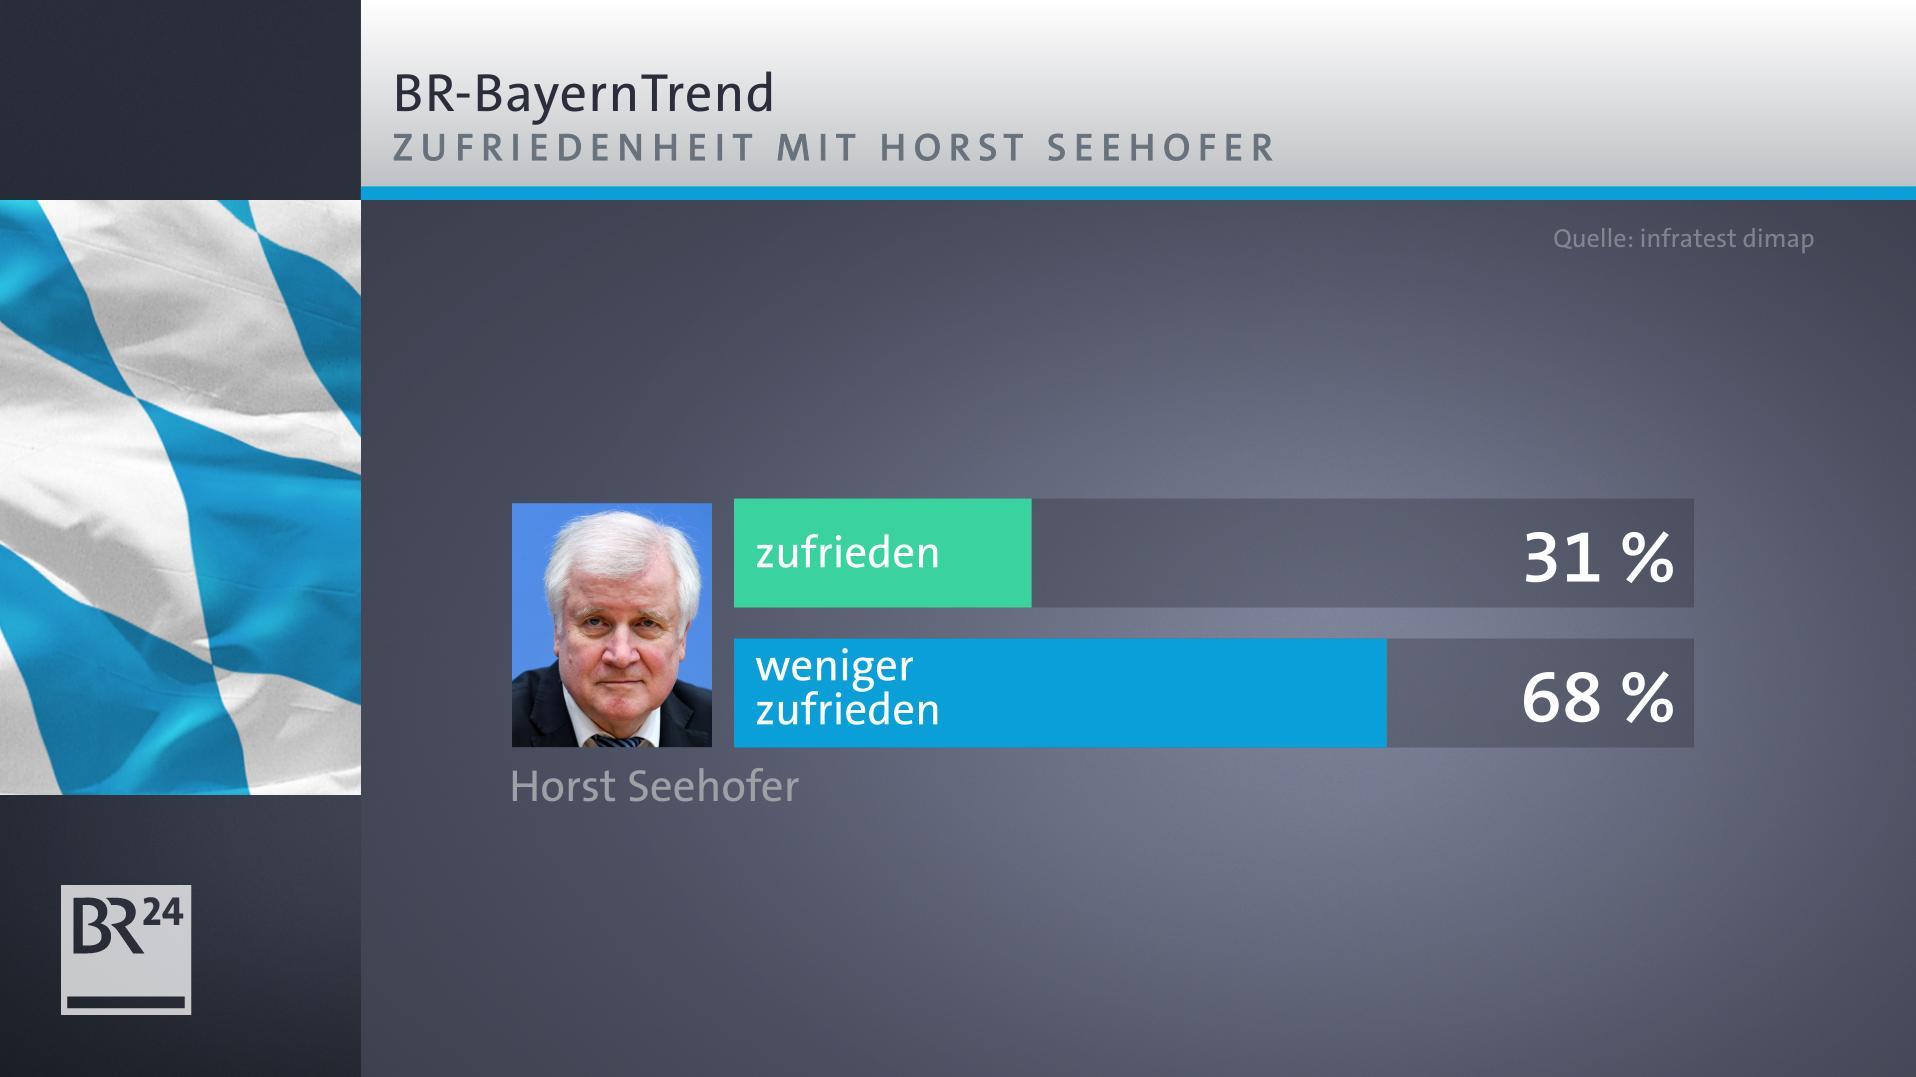 BR-BayernTrend: Zufriedenheit mit dem scheidenden CSU-Chef Horst Seehofer